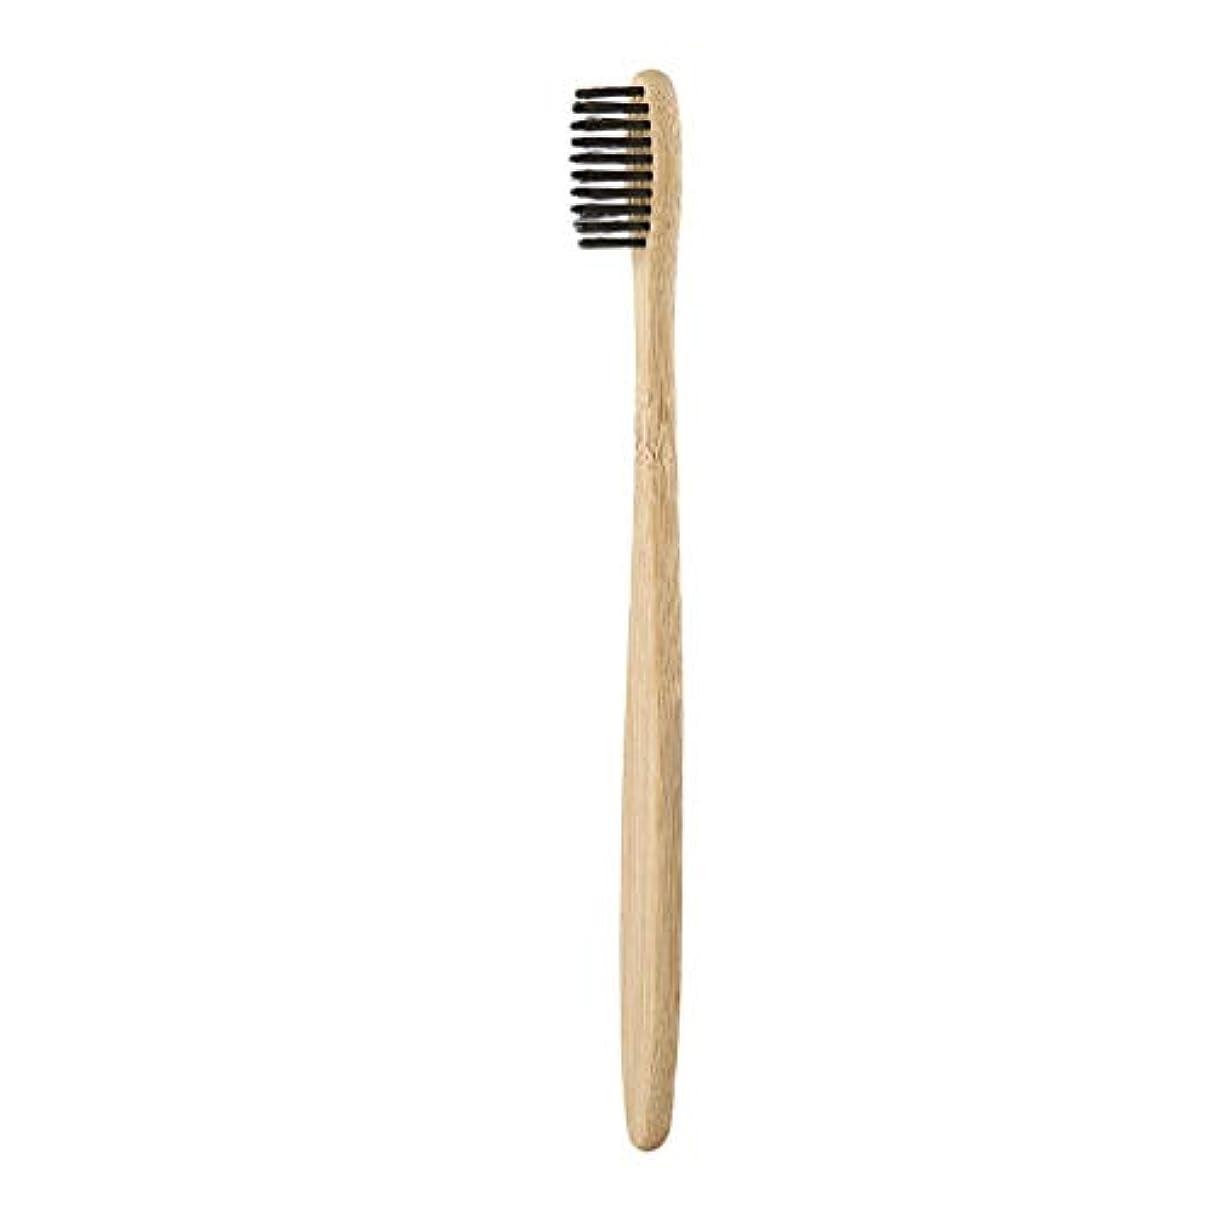 メガロポリス床家事をする手作りの快適な環境に優しい環境歯ブラシ竹ハンドル歯ブラシ炭毛健康オーラルケア-ウッドカラー